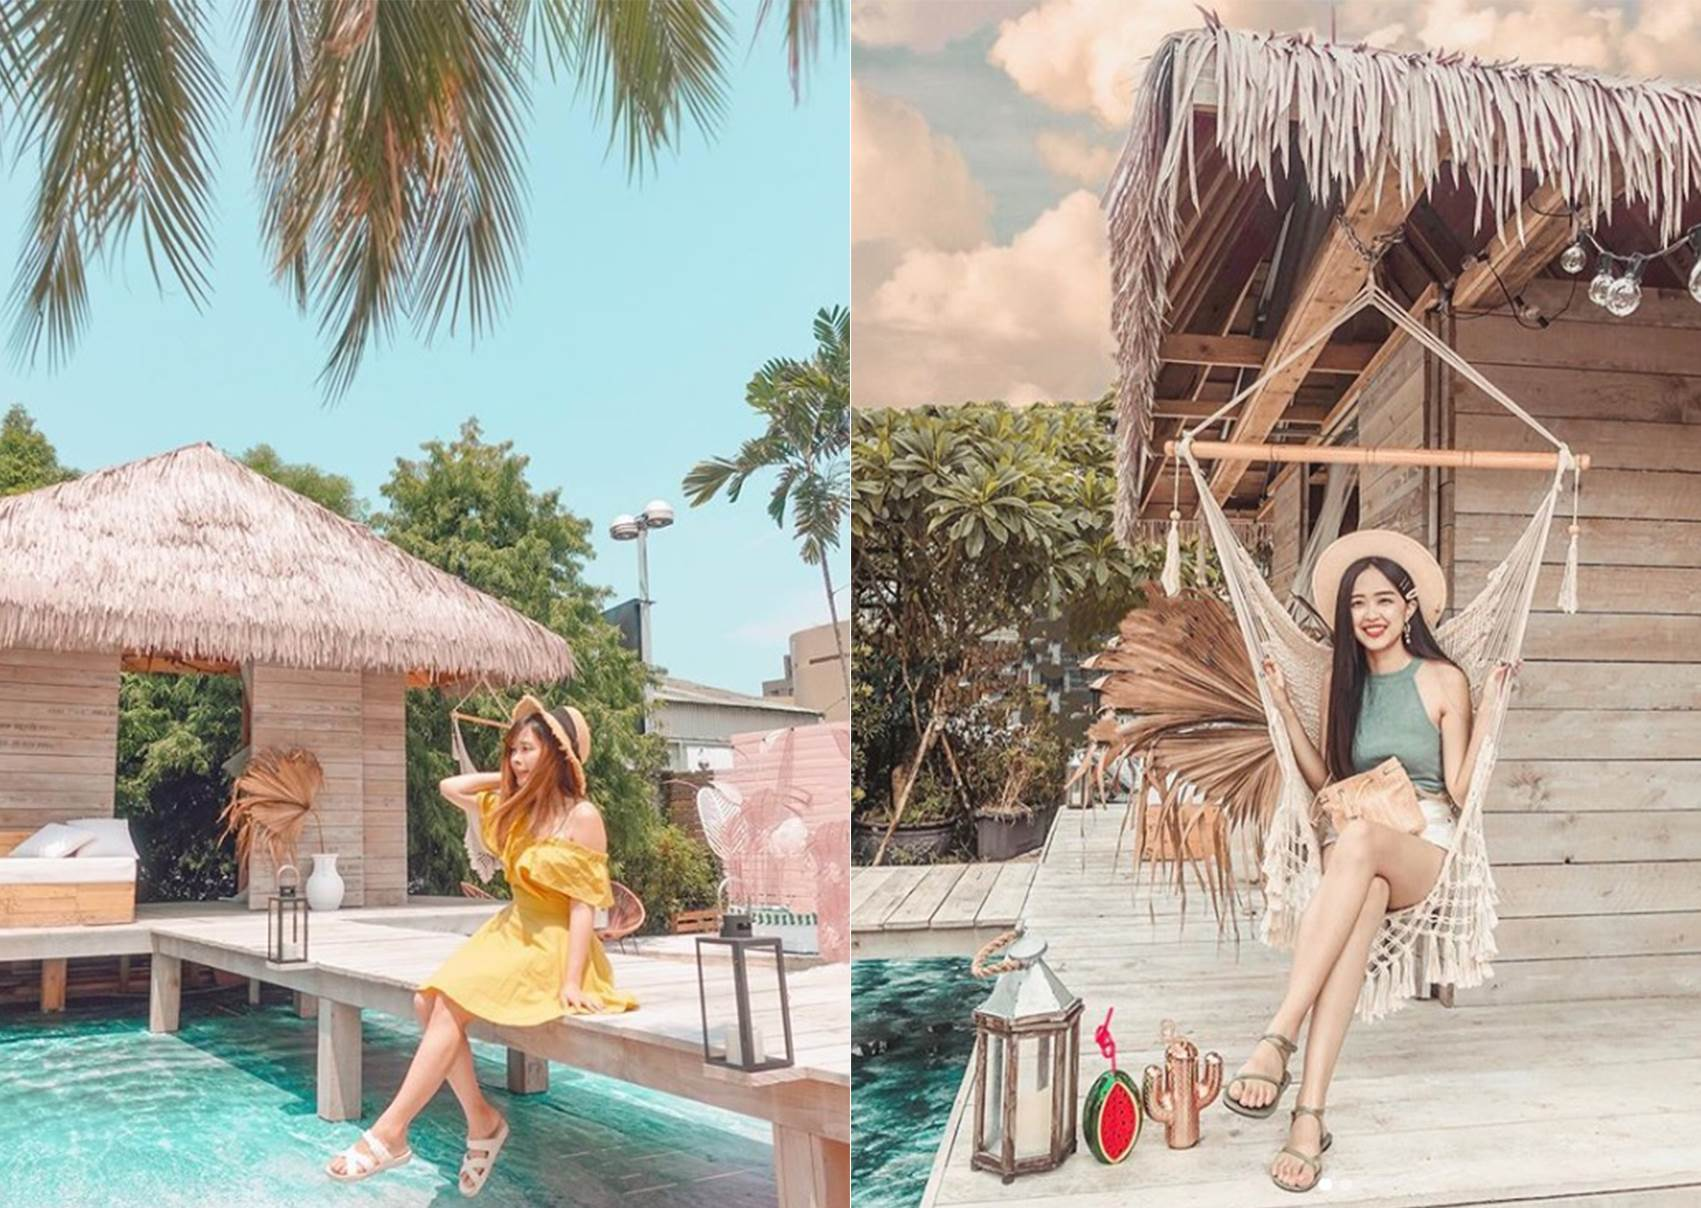 搭捷運到峇里島度假?台北特色咖啡廳打造「海上小木屋」,讓你一踏進店裡直接開啟度假模式!